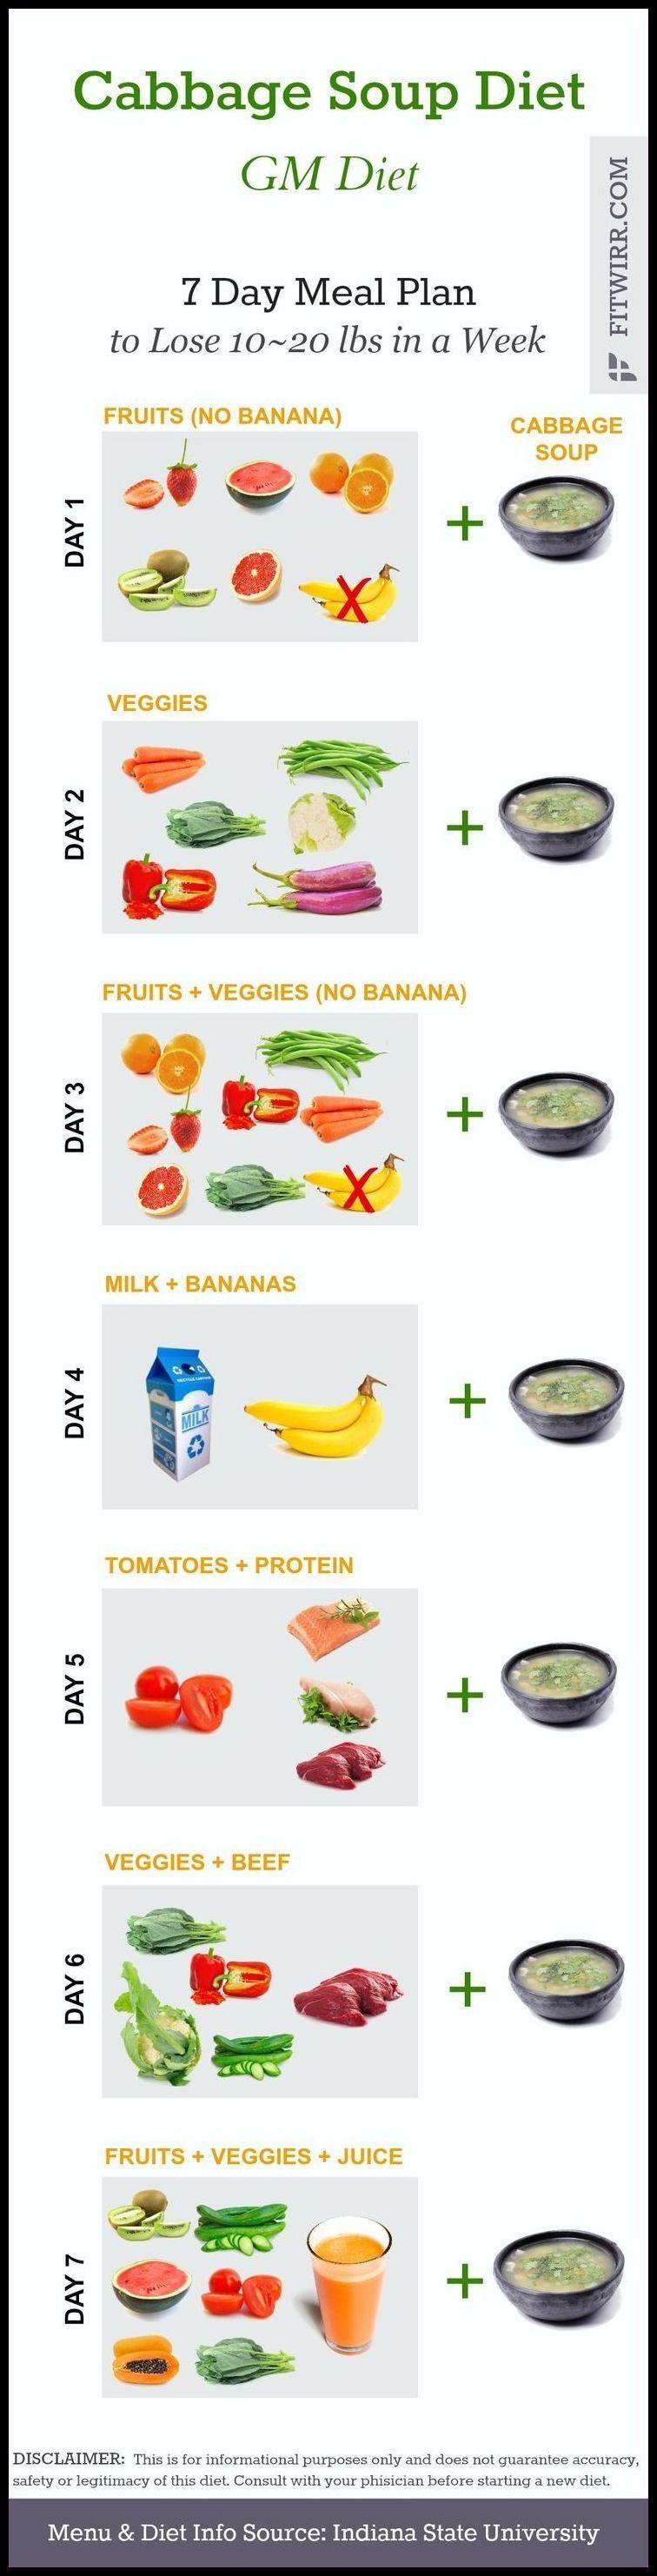 Eodd diet